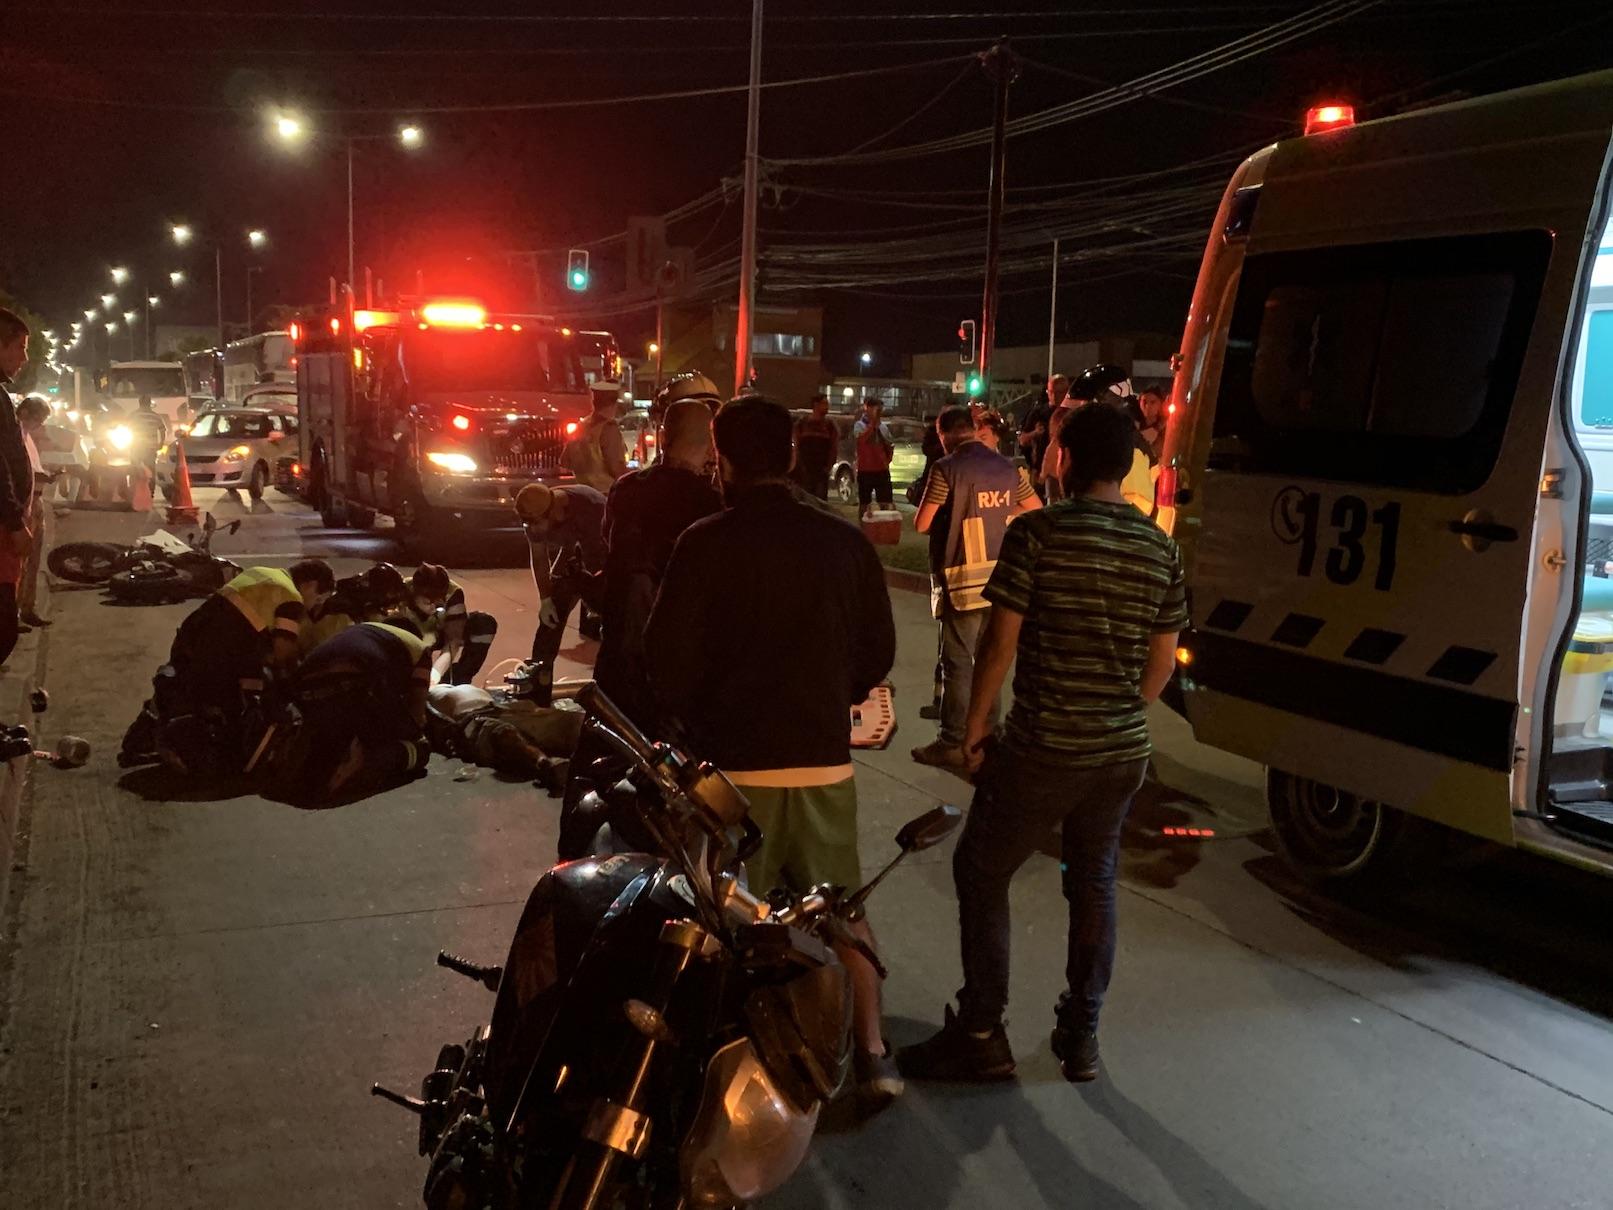 Pese a los esfuerzos falleció motorista impactado automóvil en Los Ángeles